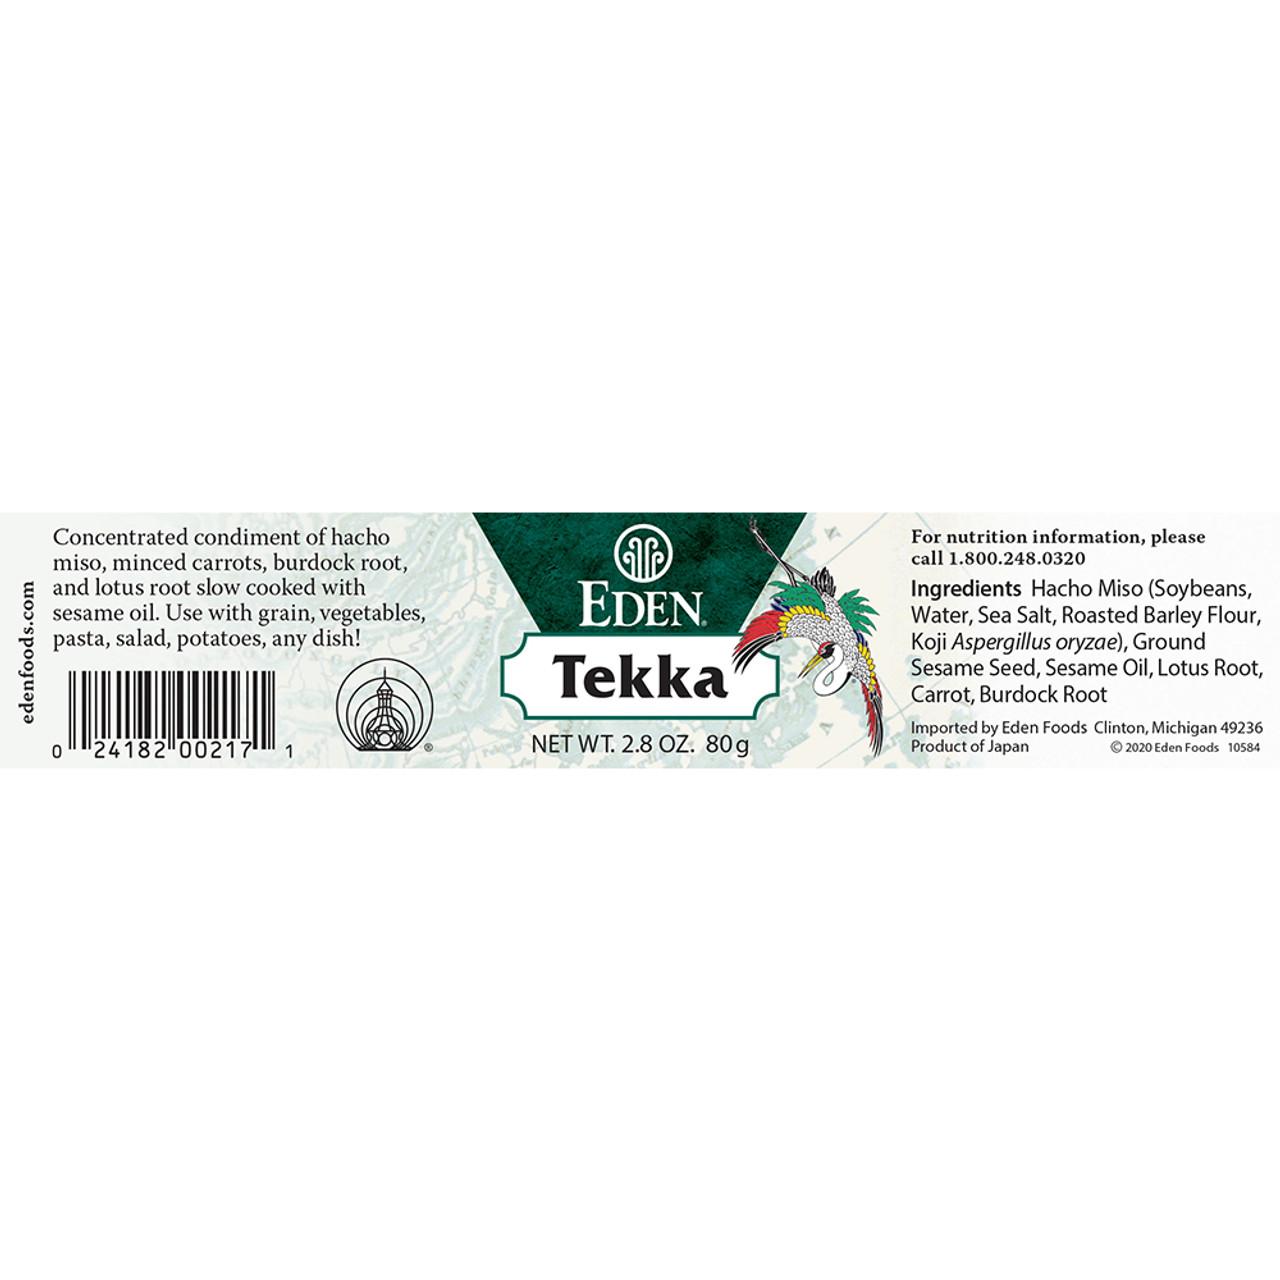 Tekka - miso condiment